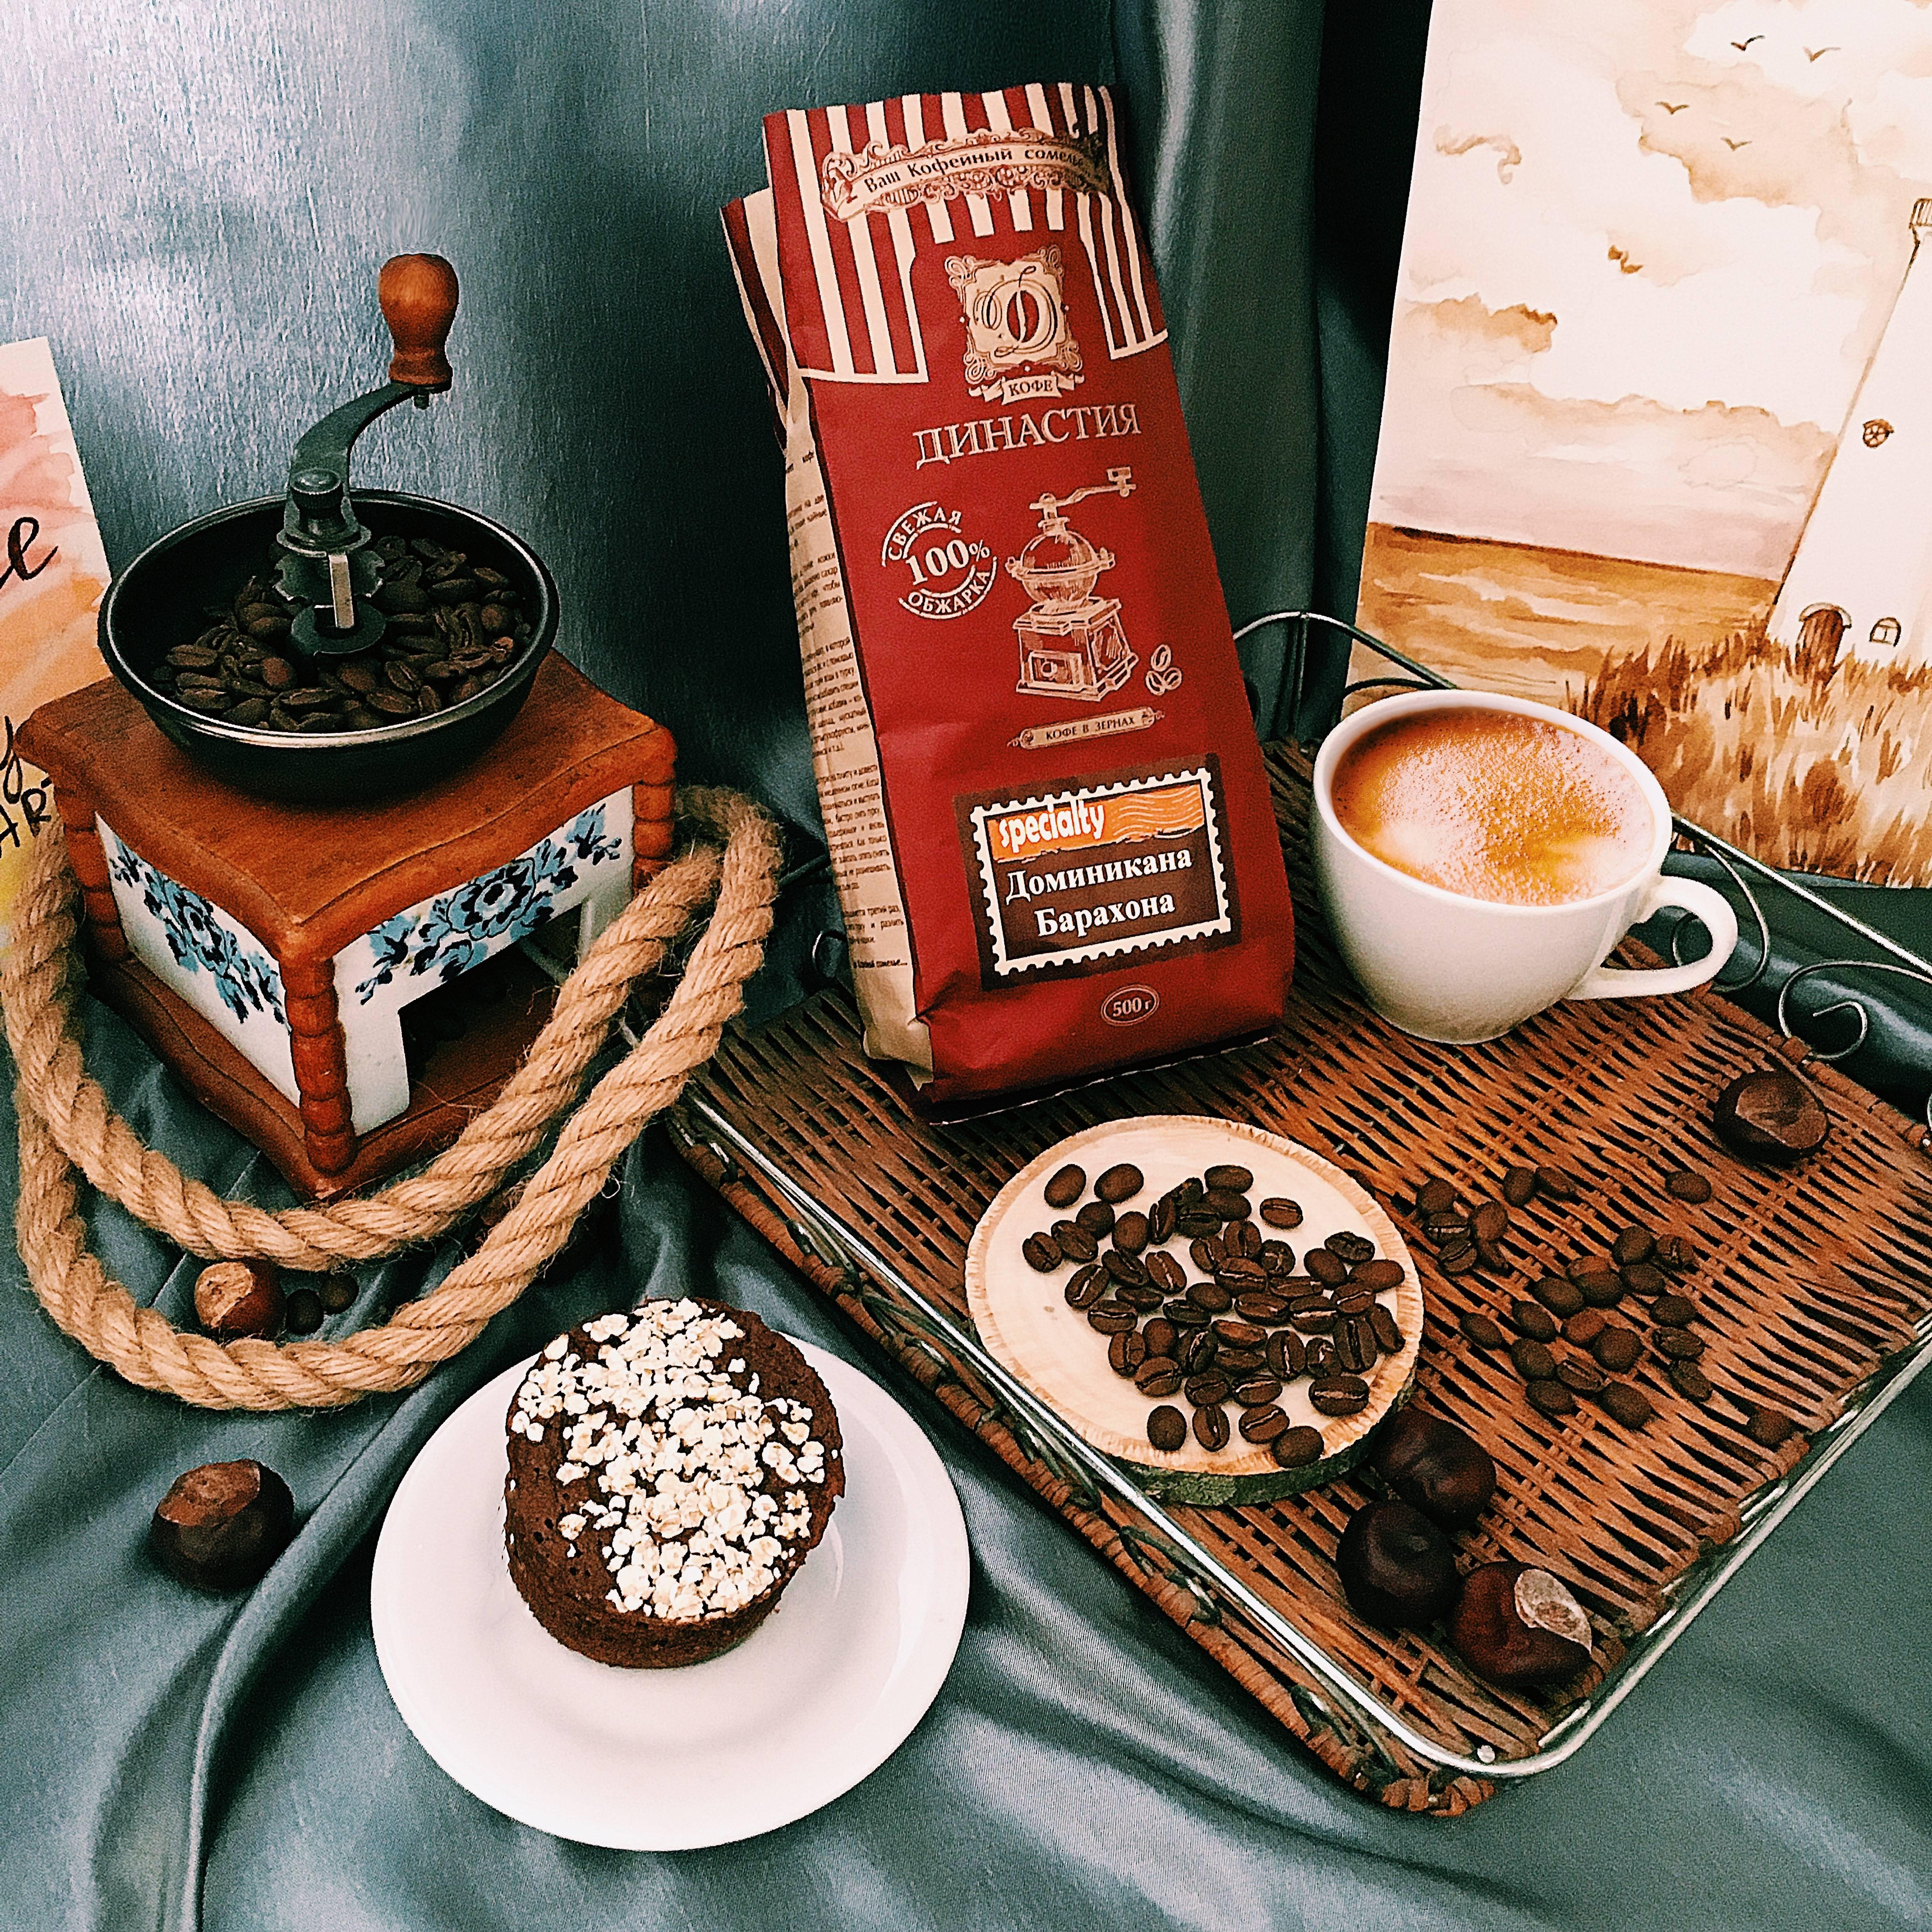 Кофе в доминикане: особенности, лучшие сорта, какой привезти